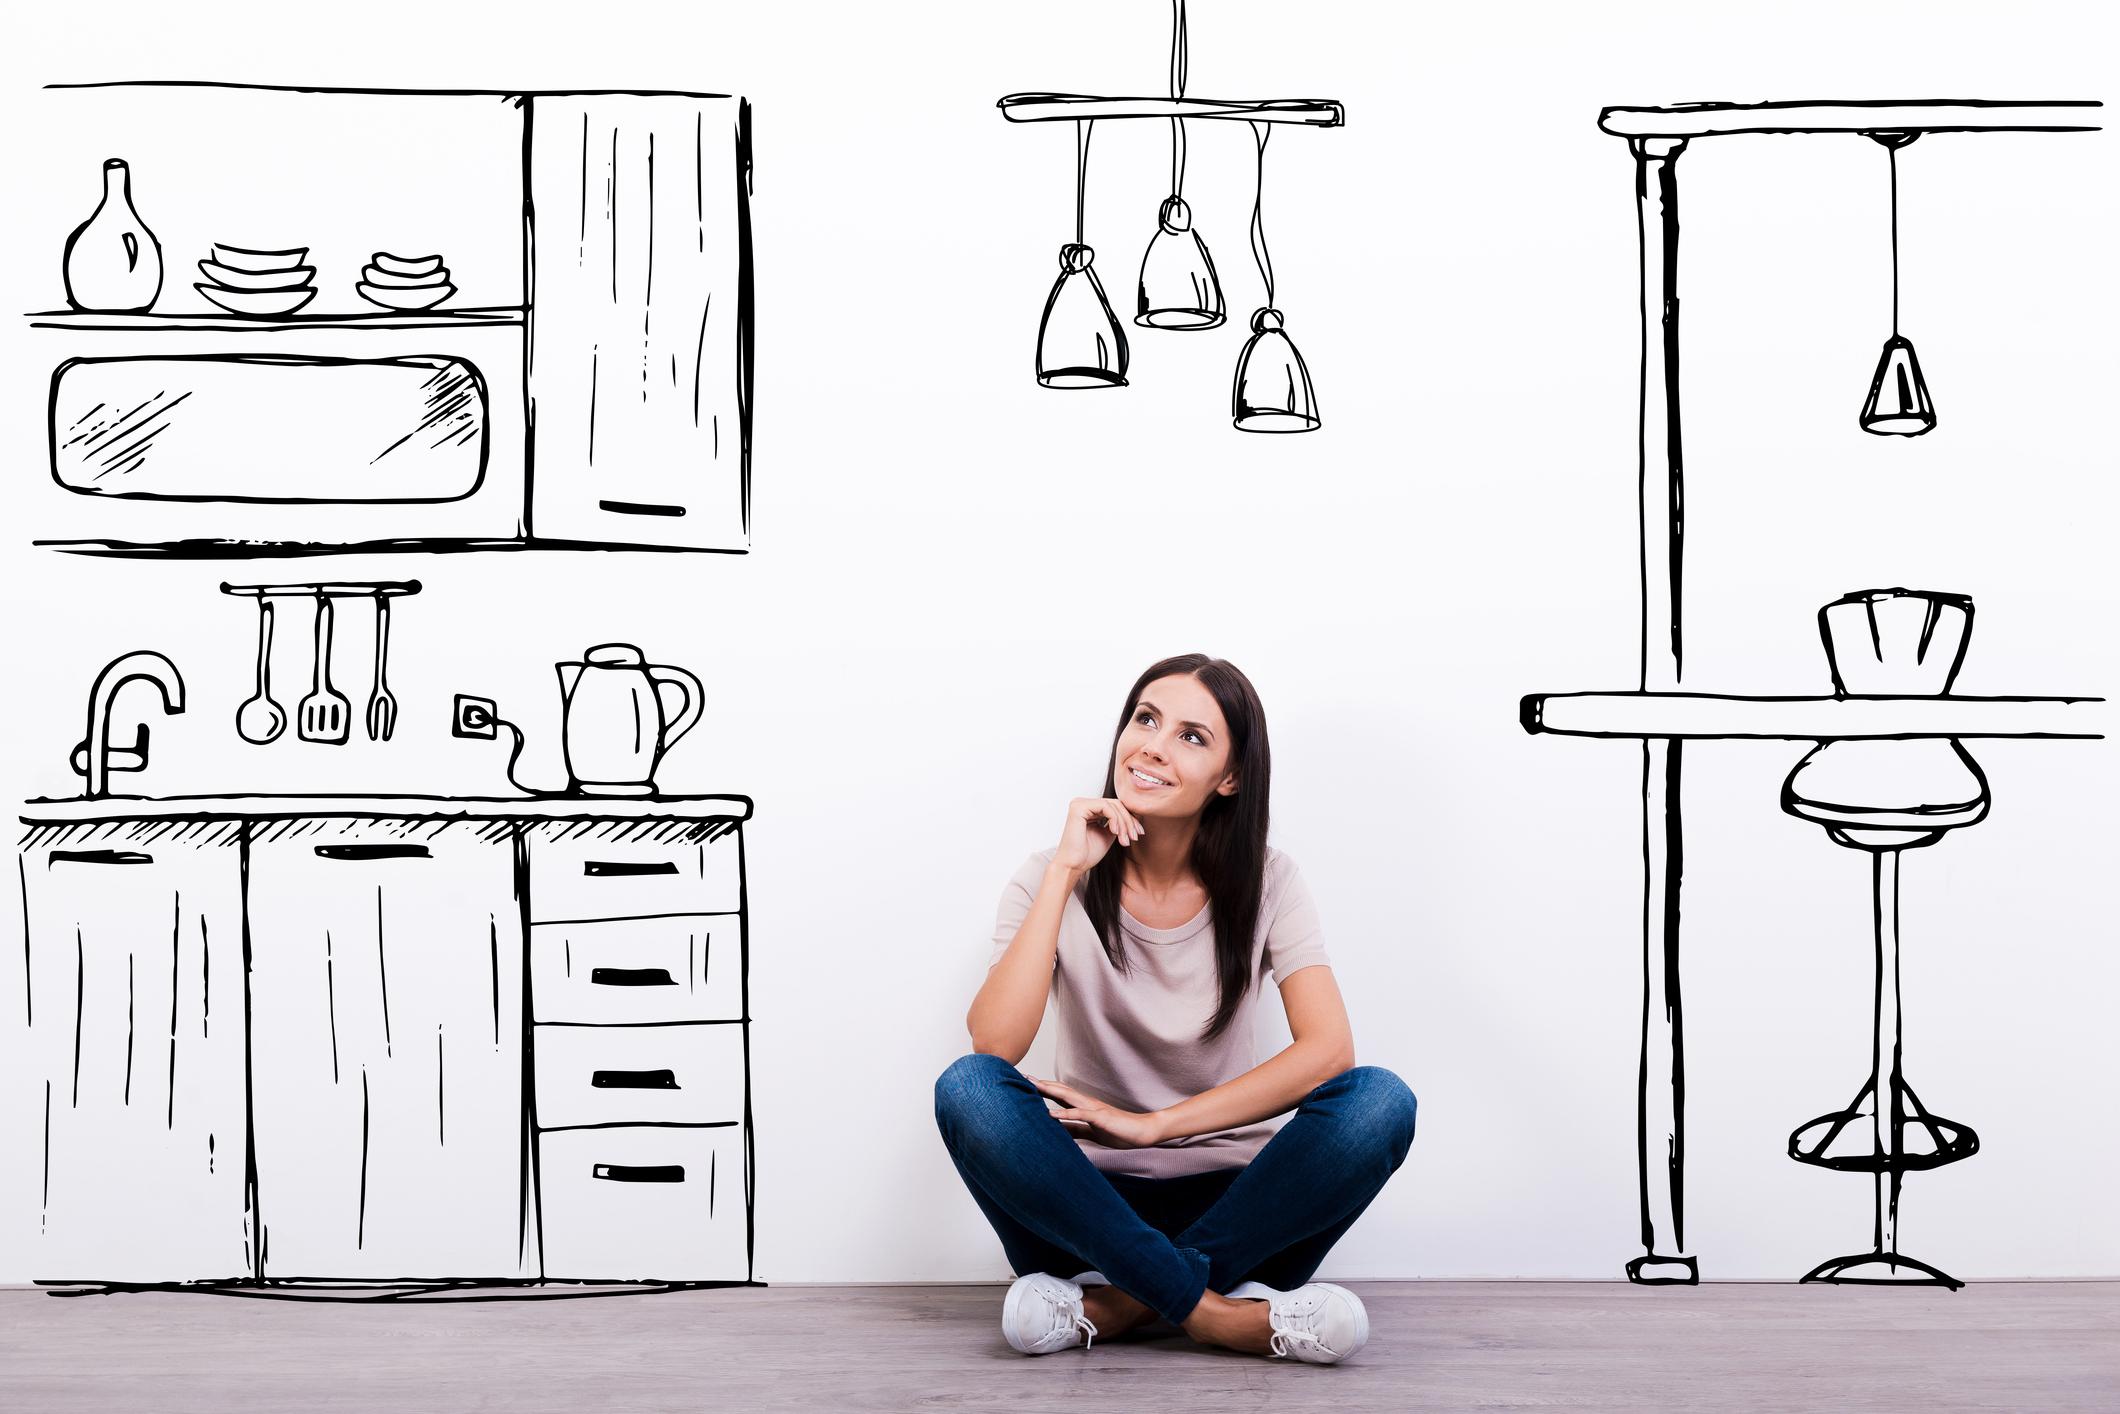 未婚女性の住宅購入、「家賃を払い続けるのがもったいない」がトップ